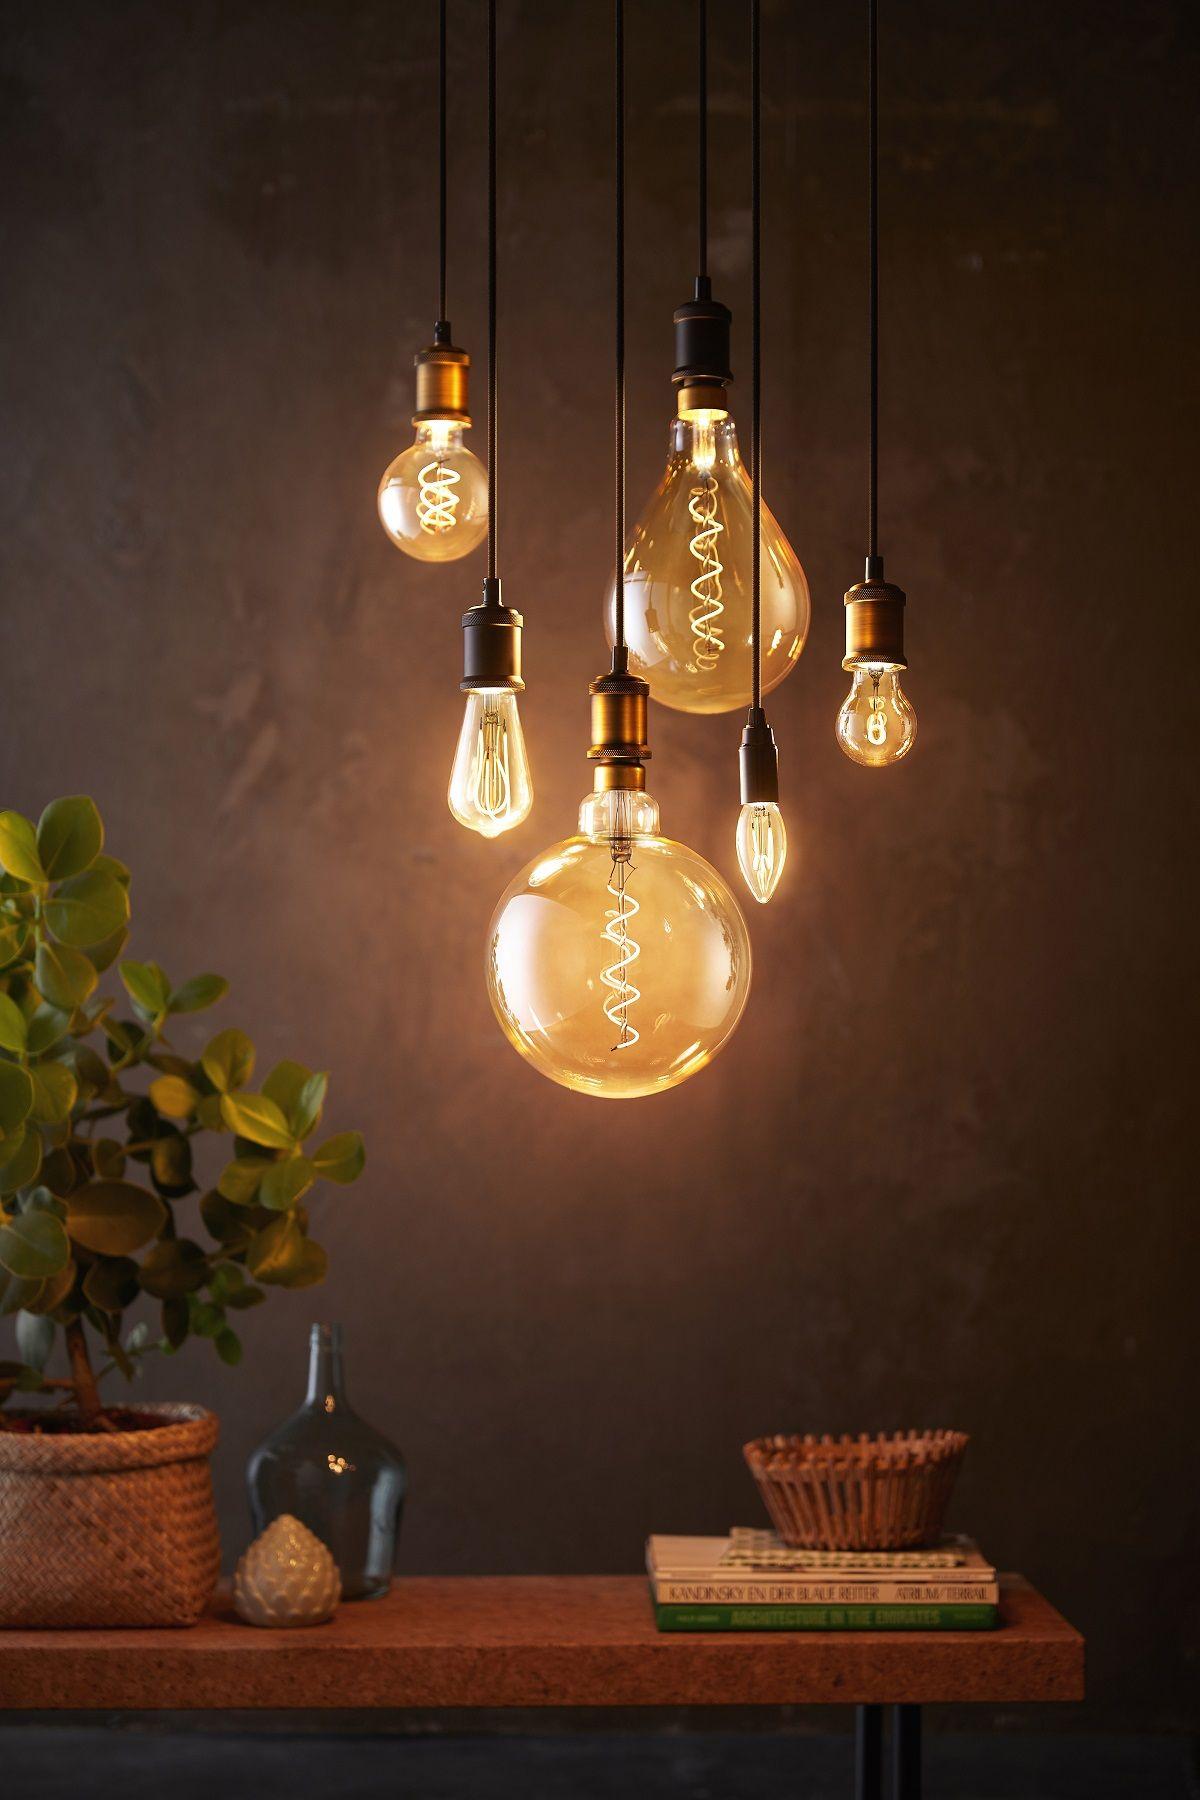 Vilagitas Otletek Vintage Light Bulbs Hanging Light Bulbs Light Bulb Chandelier